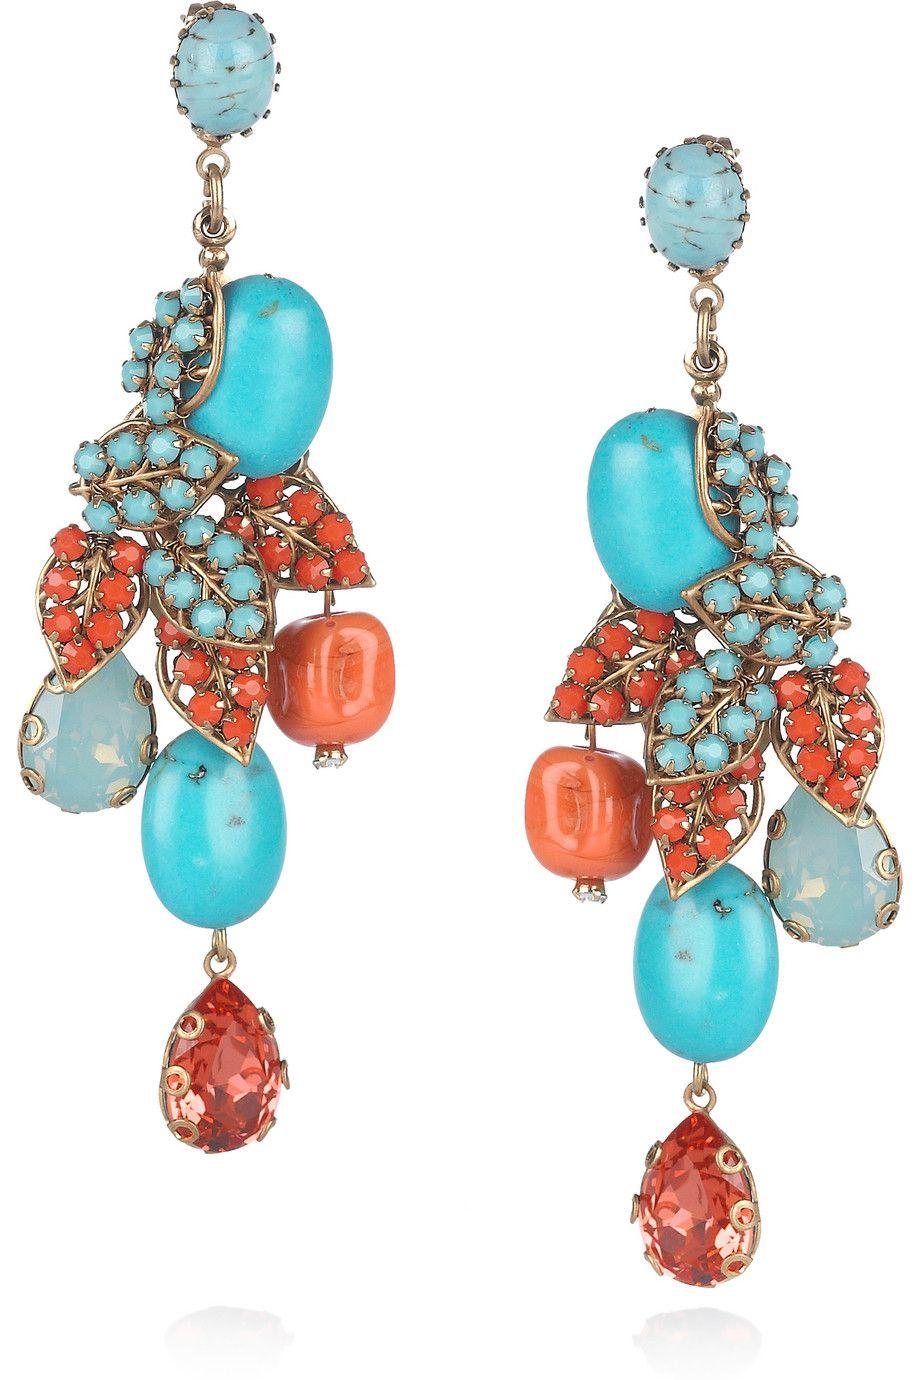 BIJOUX HEART  24-karat gold-plated Swarovski crystal earrings